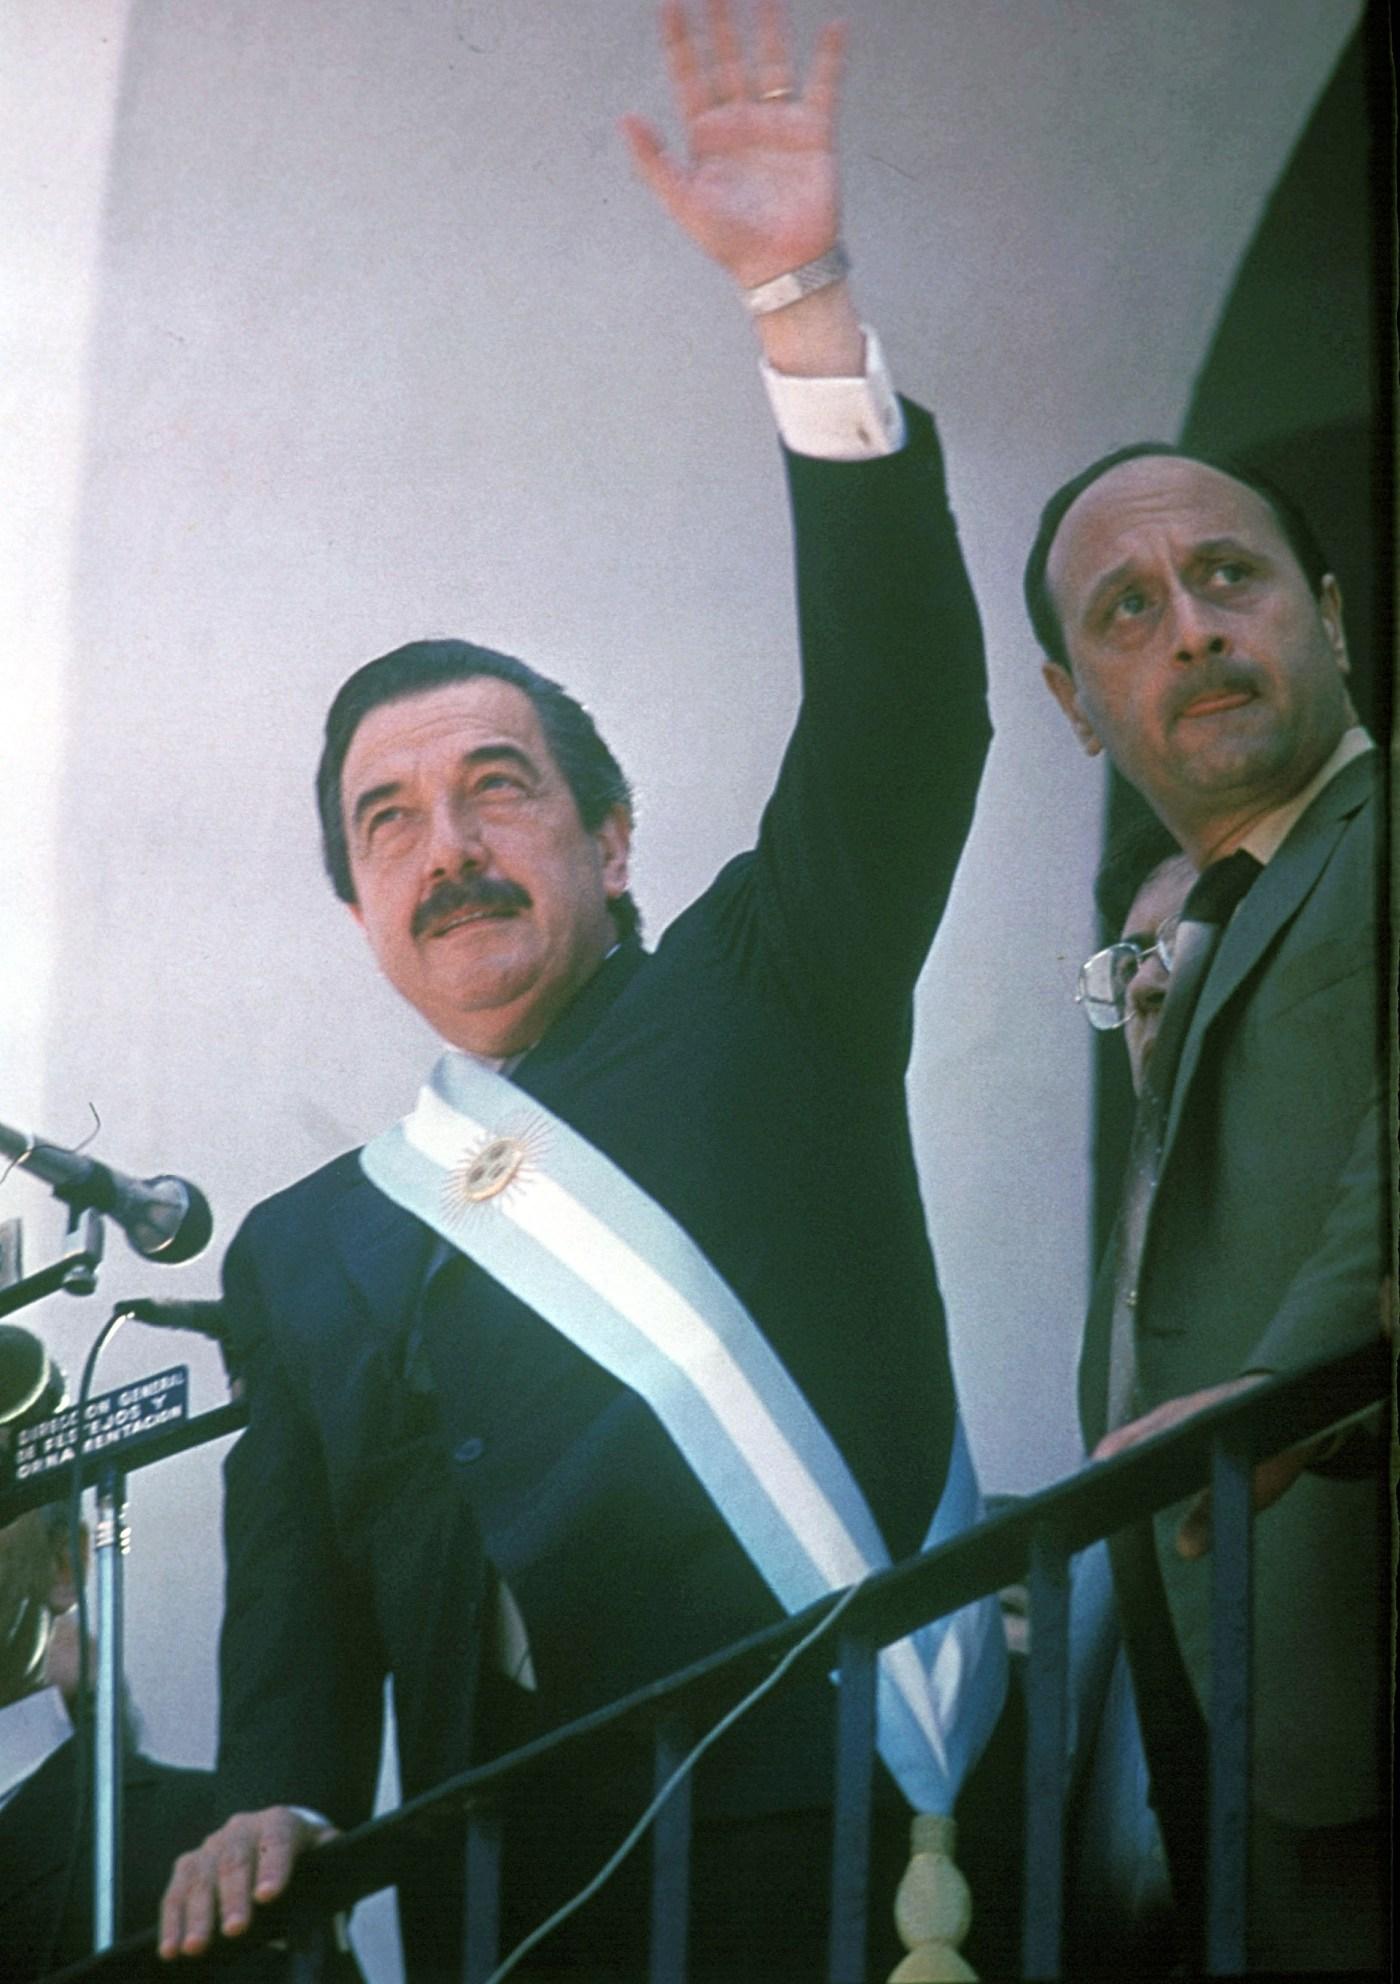 El mandatario eligió un balcón del Cabildo para dar uno de sus primeros discursos como presidente